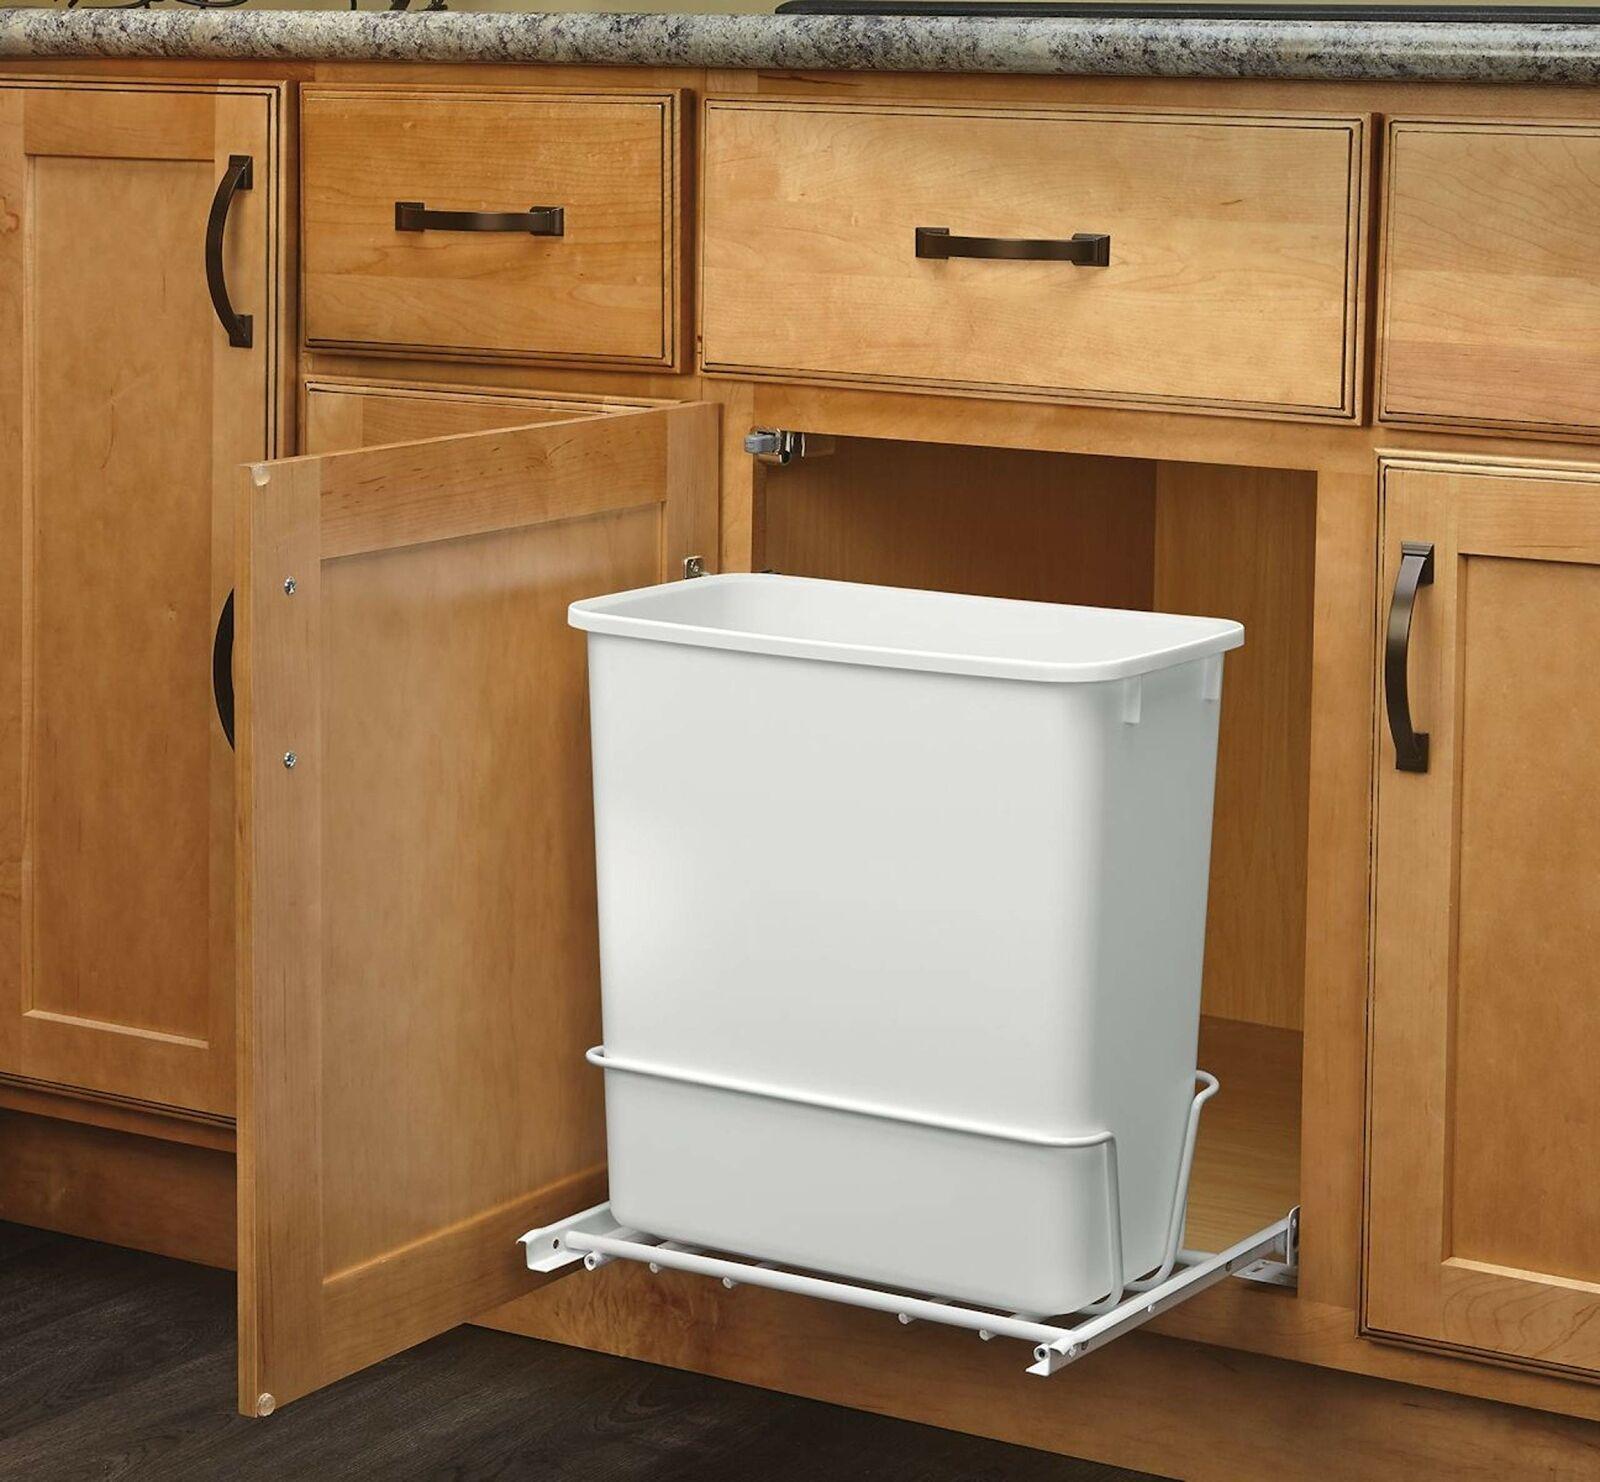 Kitchen Under Sink Cabinet Trash Waste Garbage Can Slide Out Storage Organizer